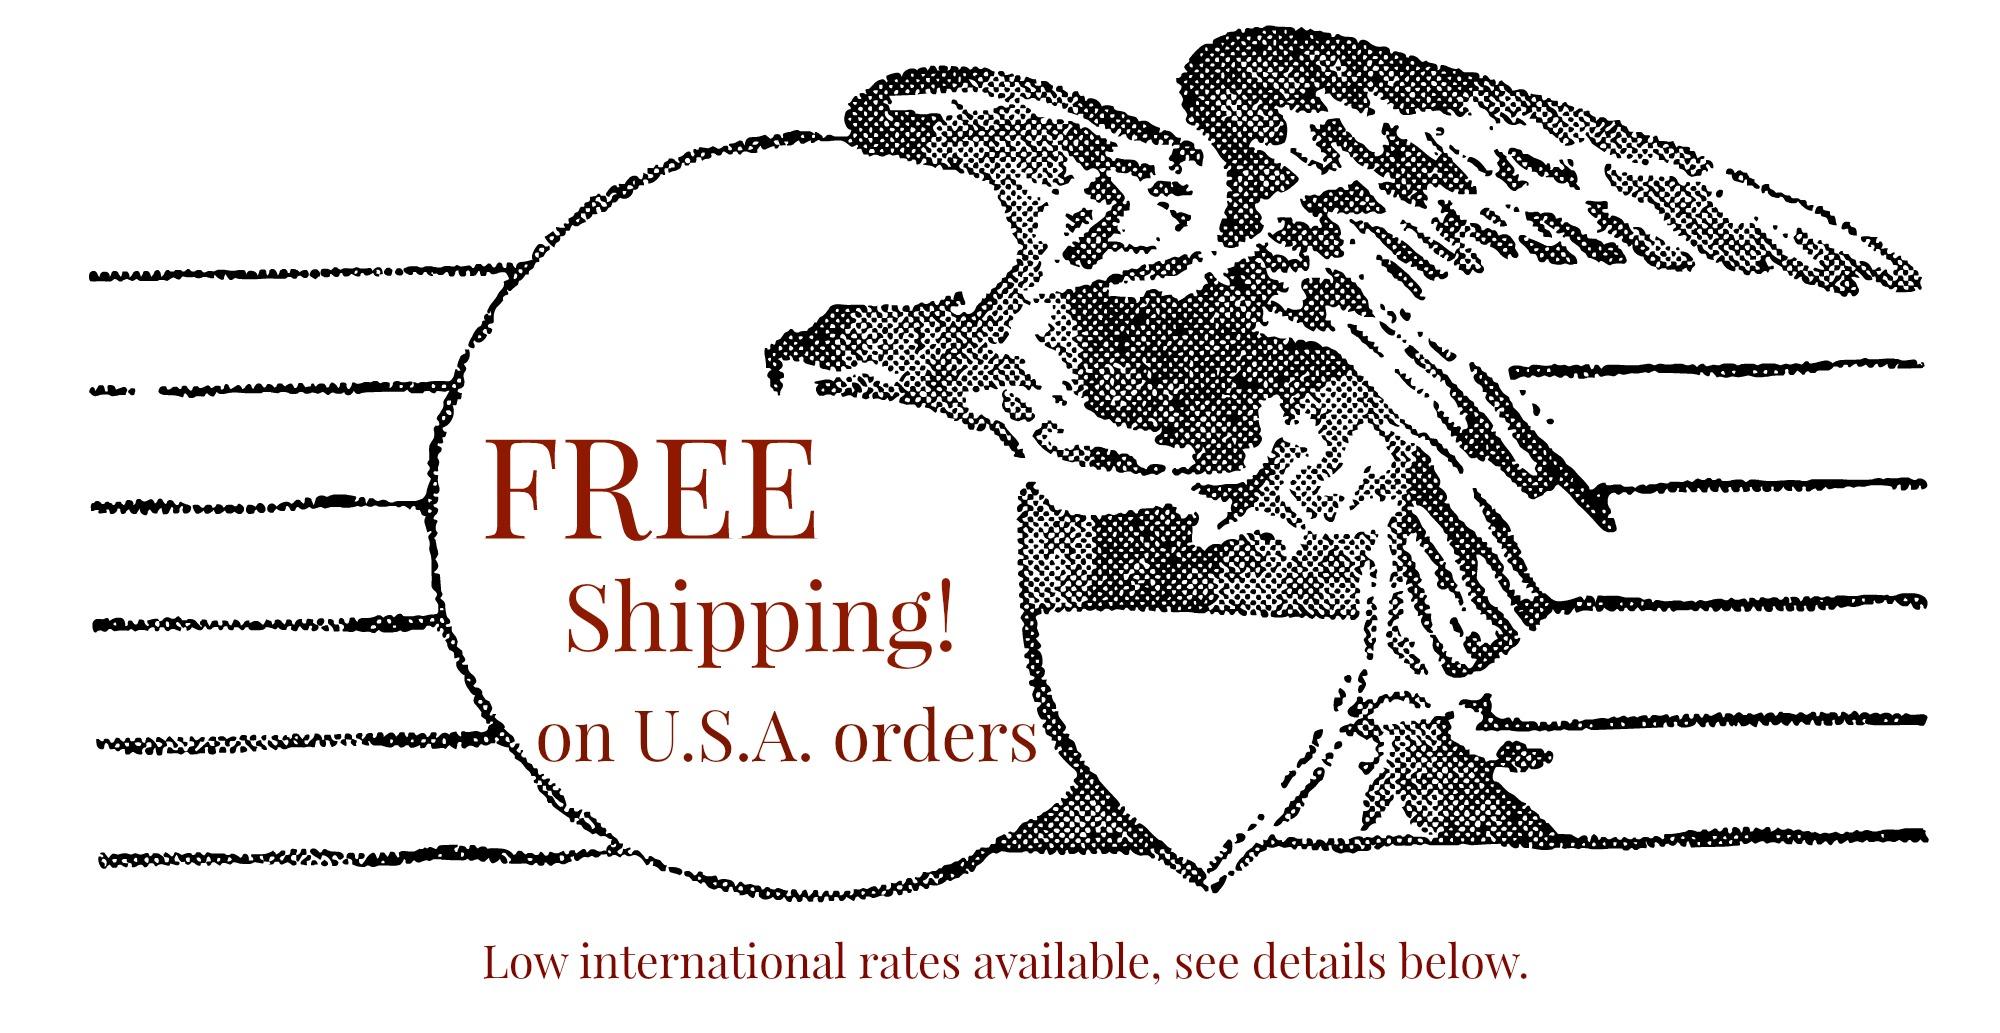 free-shipping-bird.jpg